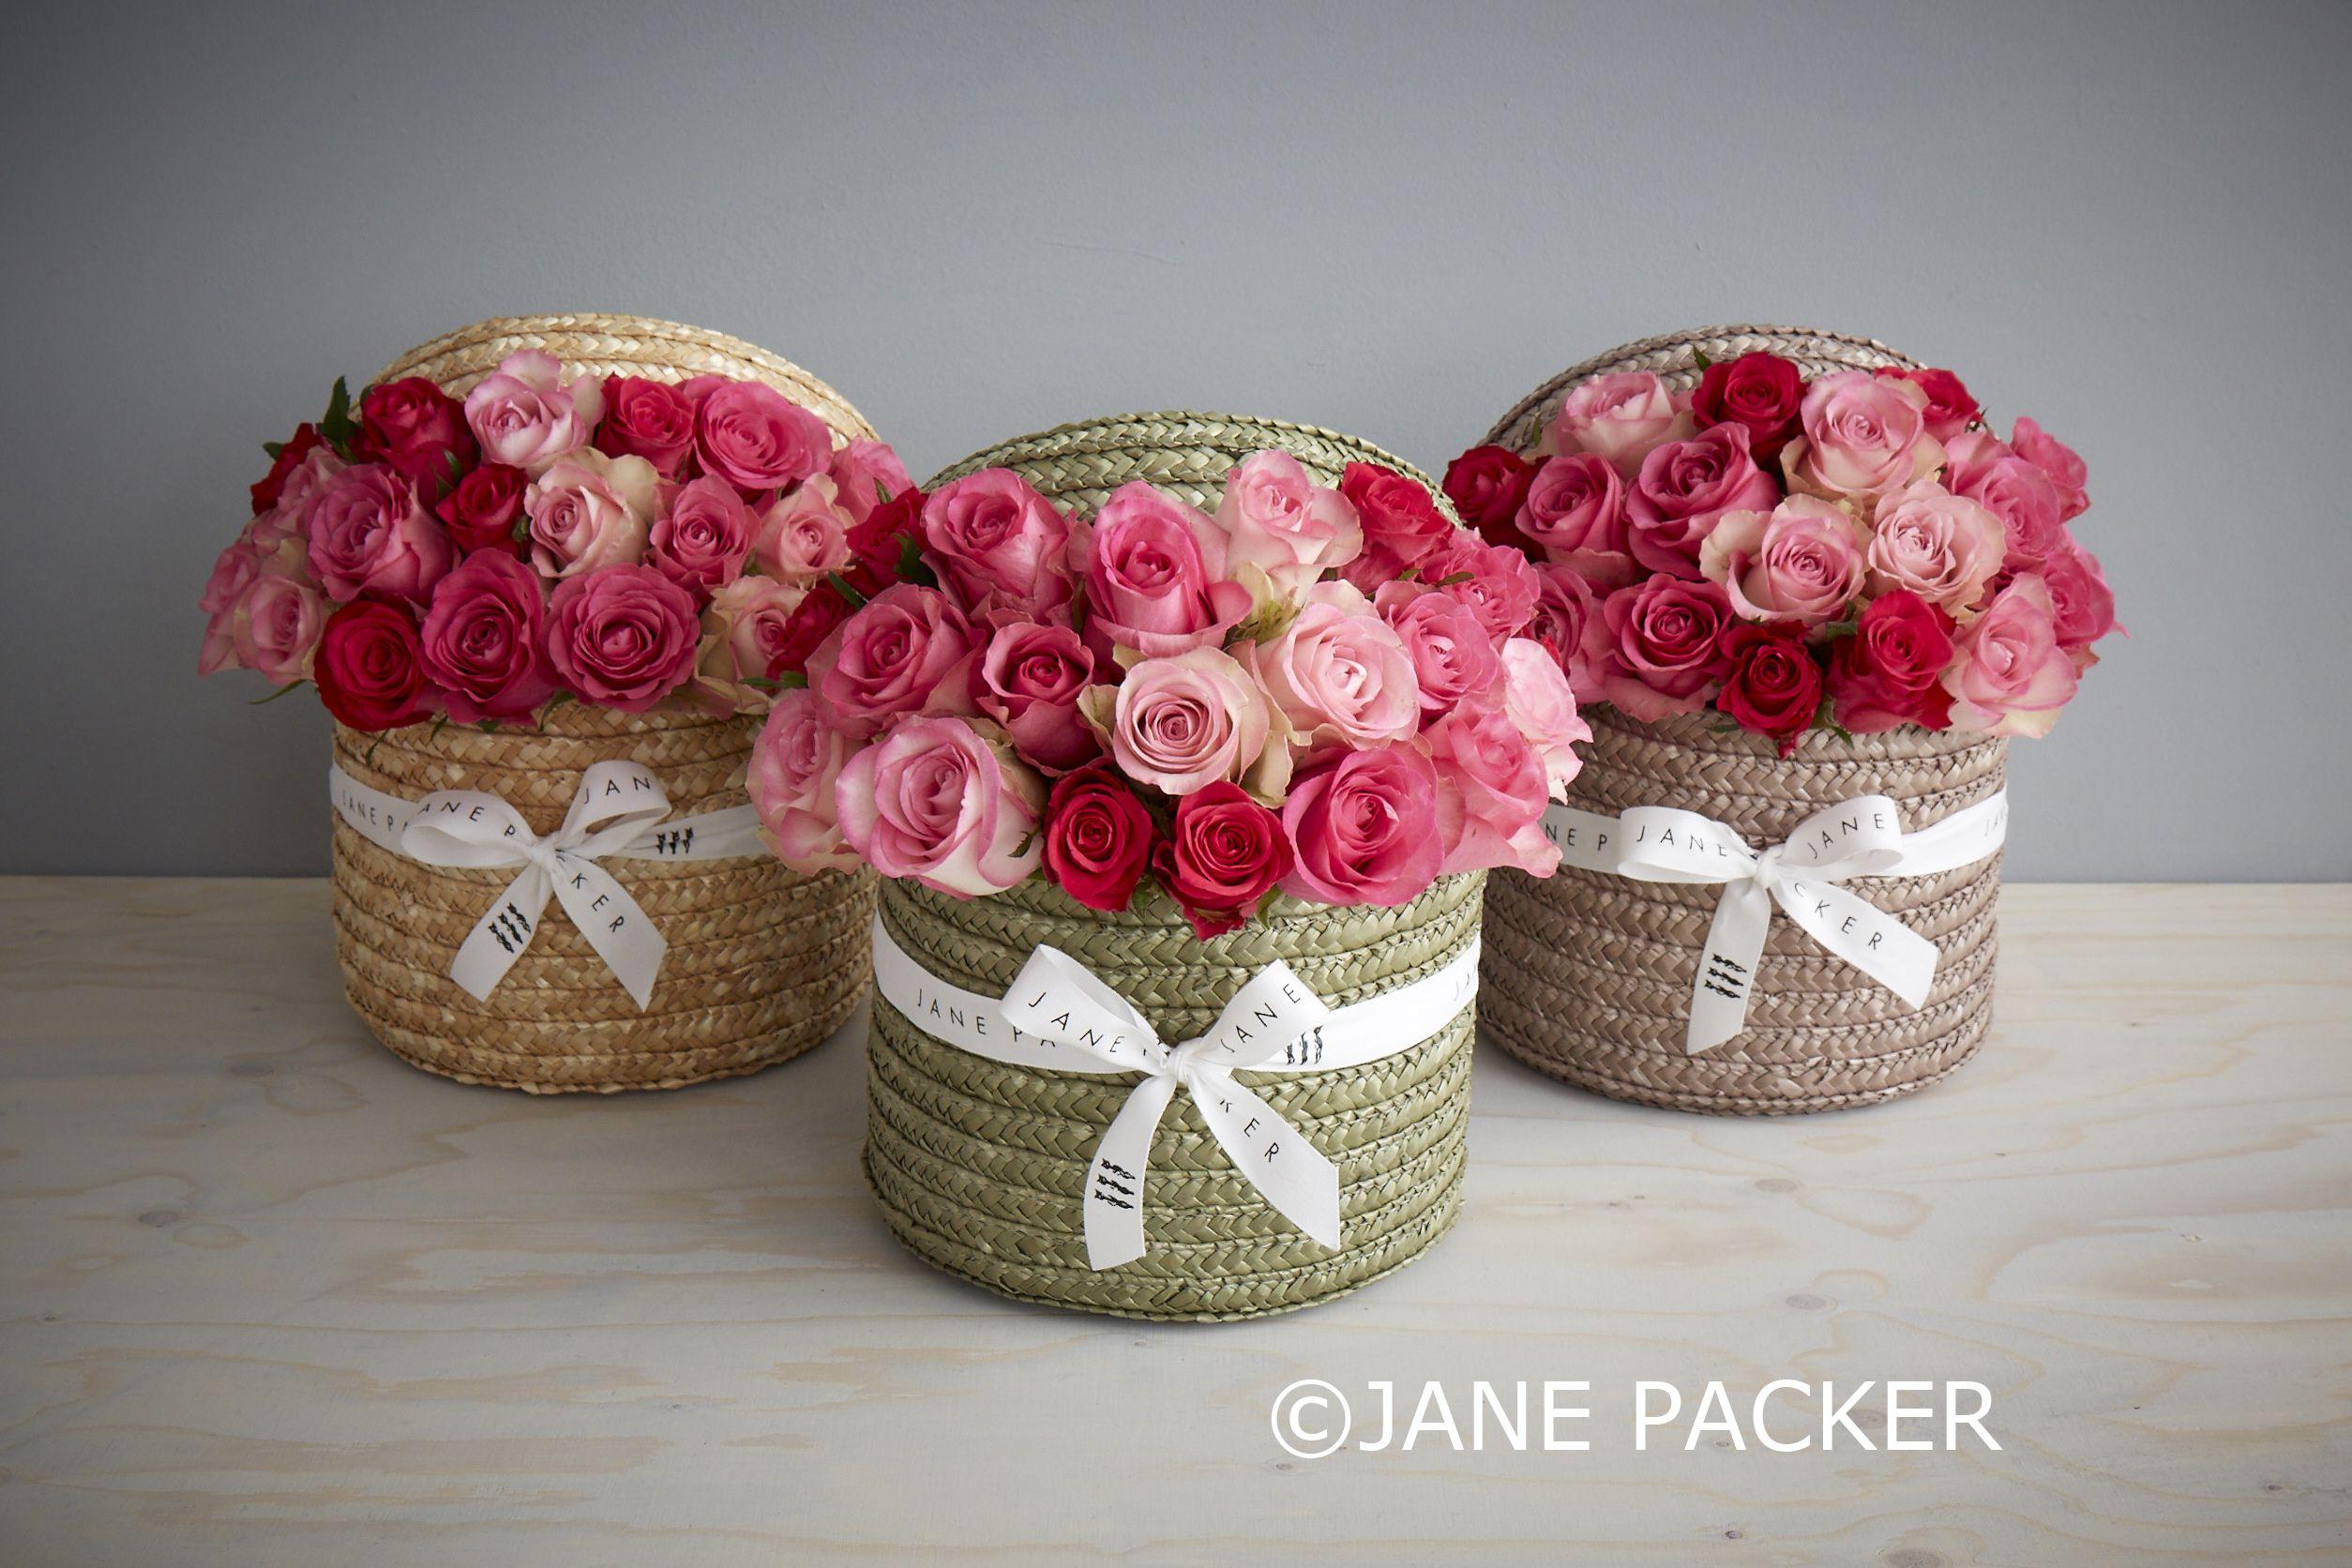 Our Jane Packer hatboxes were designed as a unique